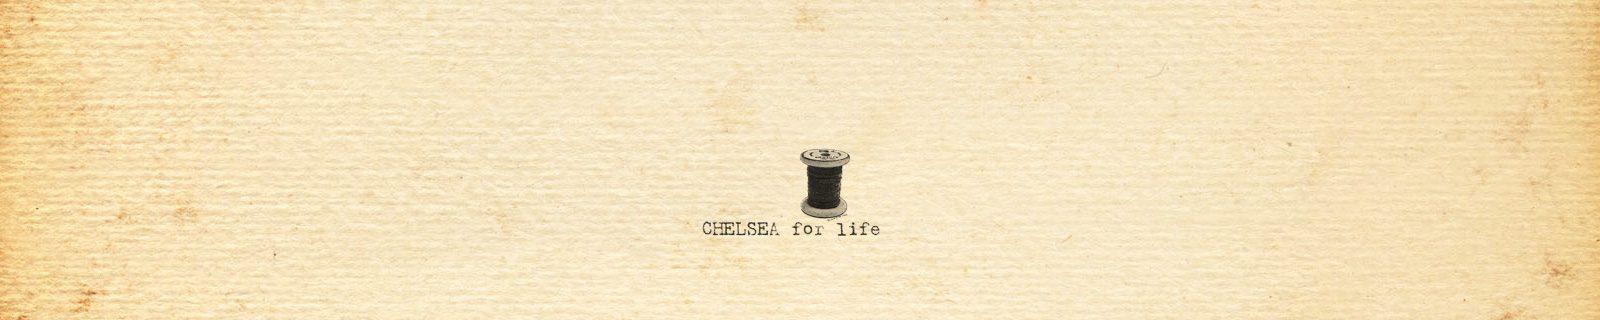 CHELSEA for life チェルシーフォーライフ ブログ